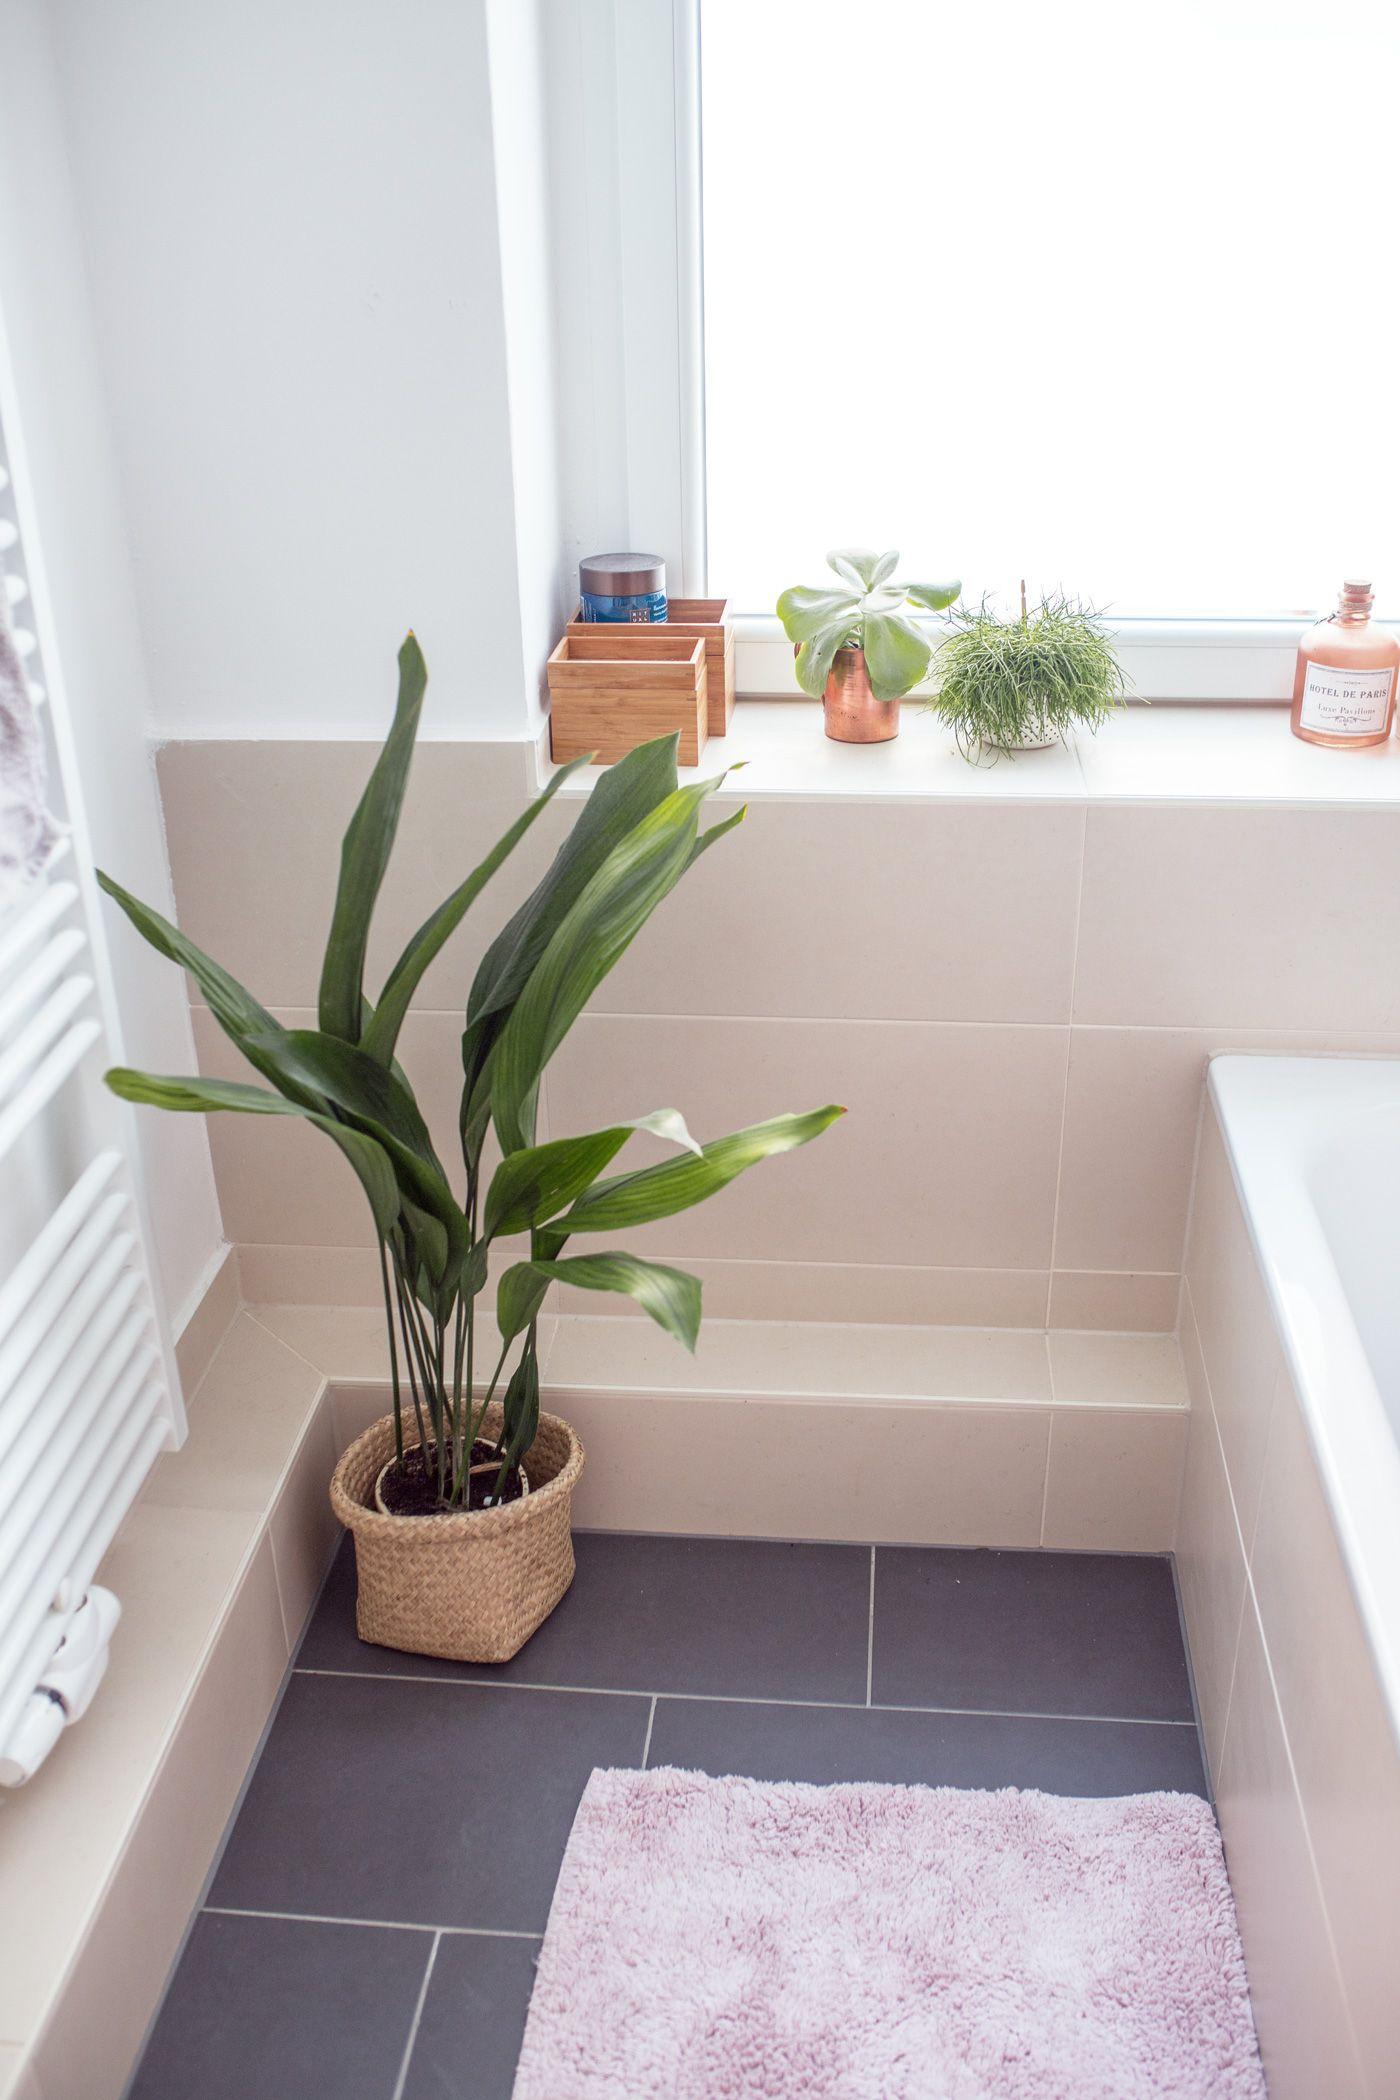 Das neue Badezimmer: Einrichten und dekorieren | Pinterest | Neues ...